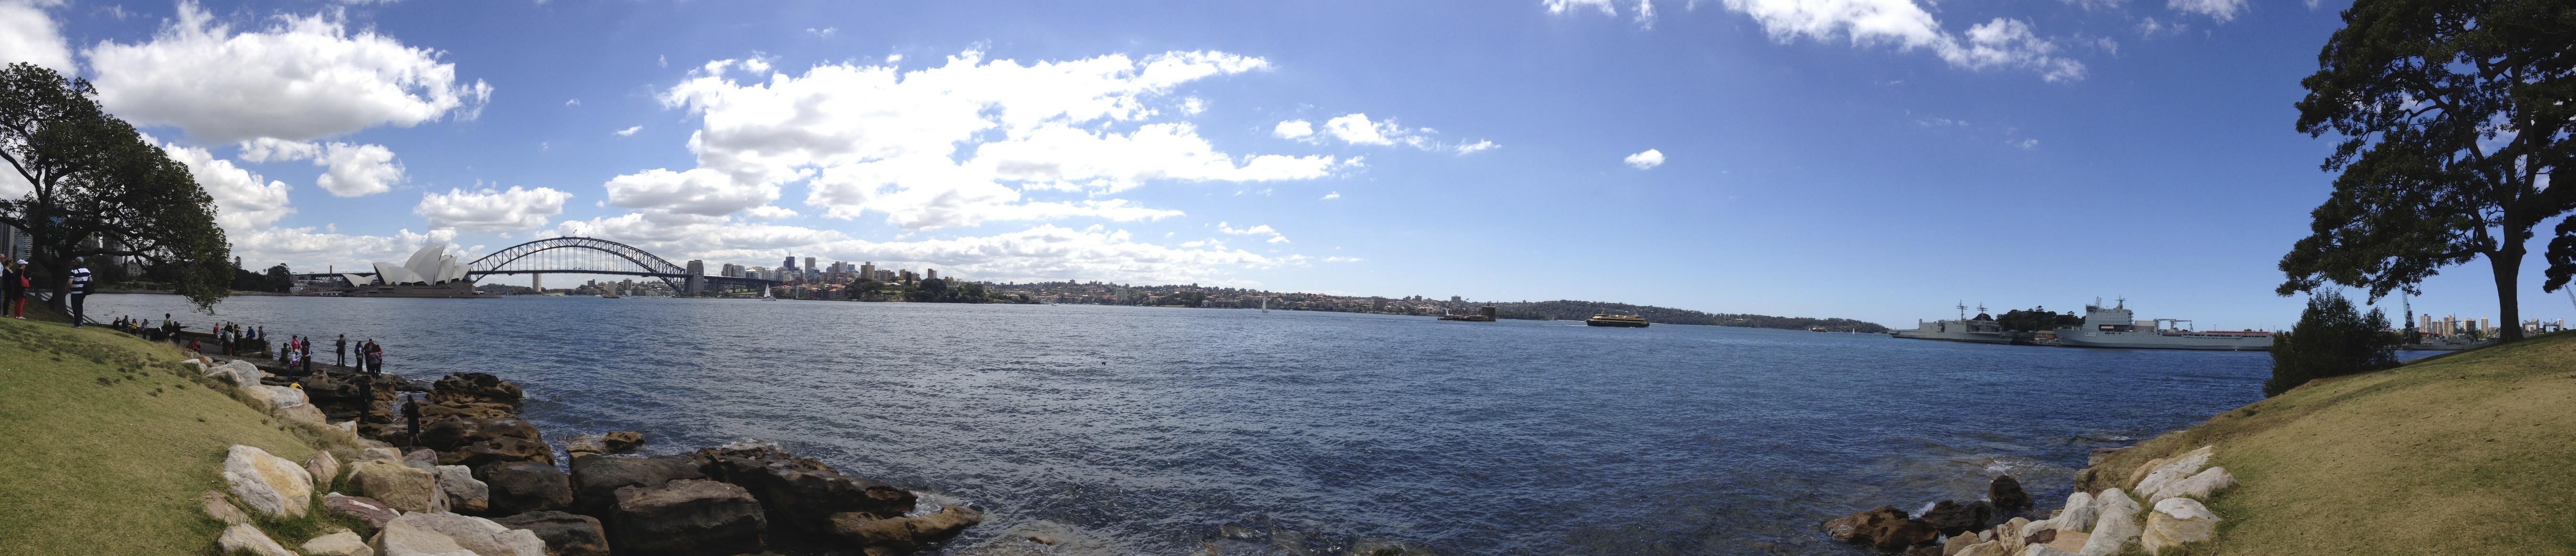 悉尼风景照横条